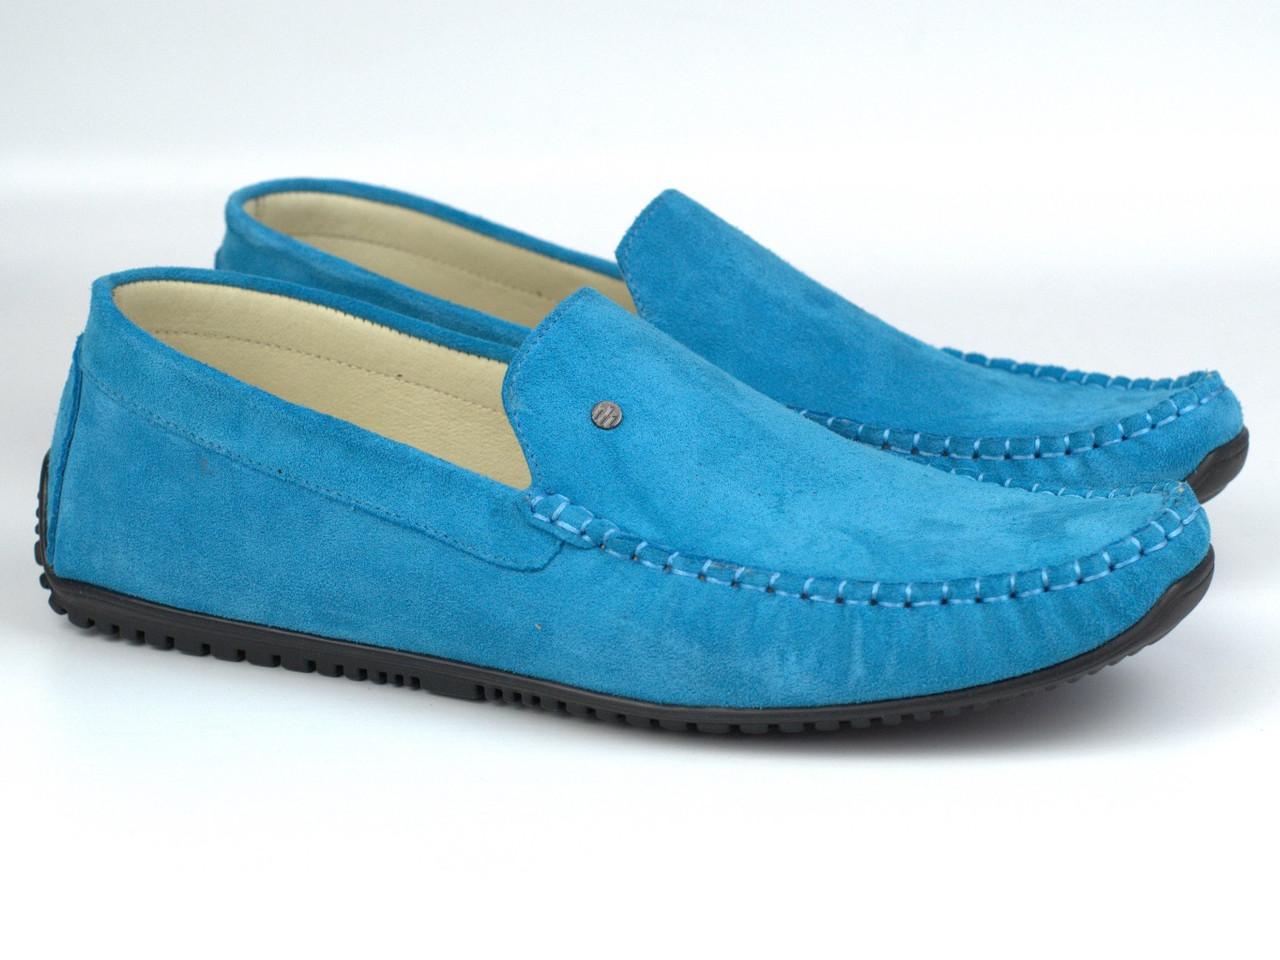 Rosso Avangard Alberto Turq бірюзові замшеві мокасини річна взуття повсякденне чоловіче